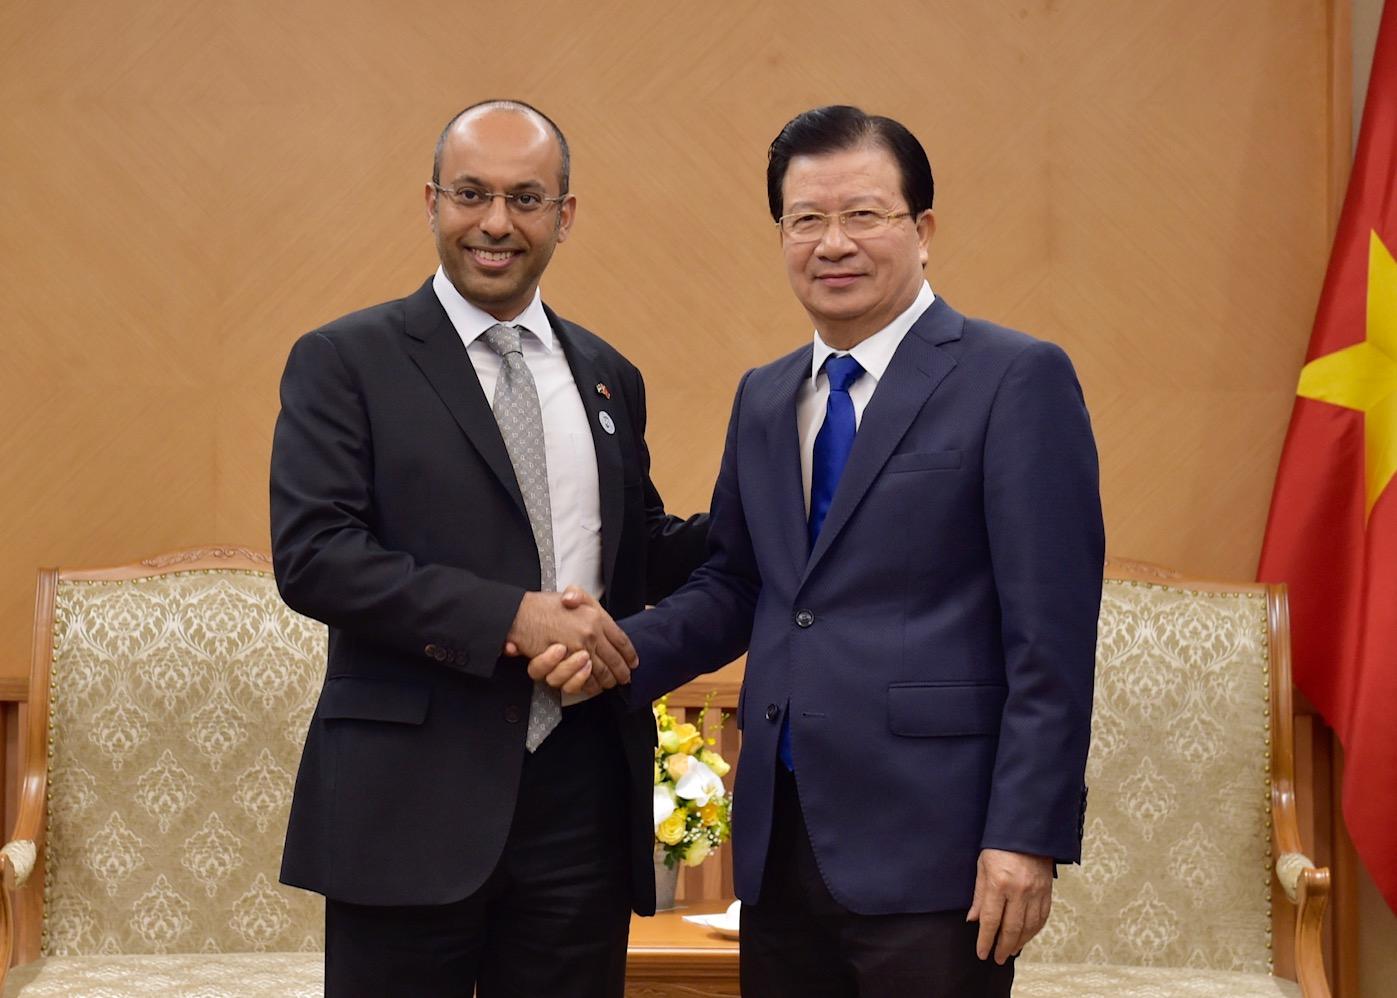 Việt Nam sẽ tạo mọi điều kiện thuận lợi để các nhà đầu tư UAE mở rộng đầu tư